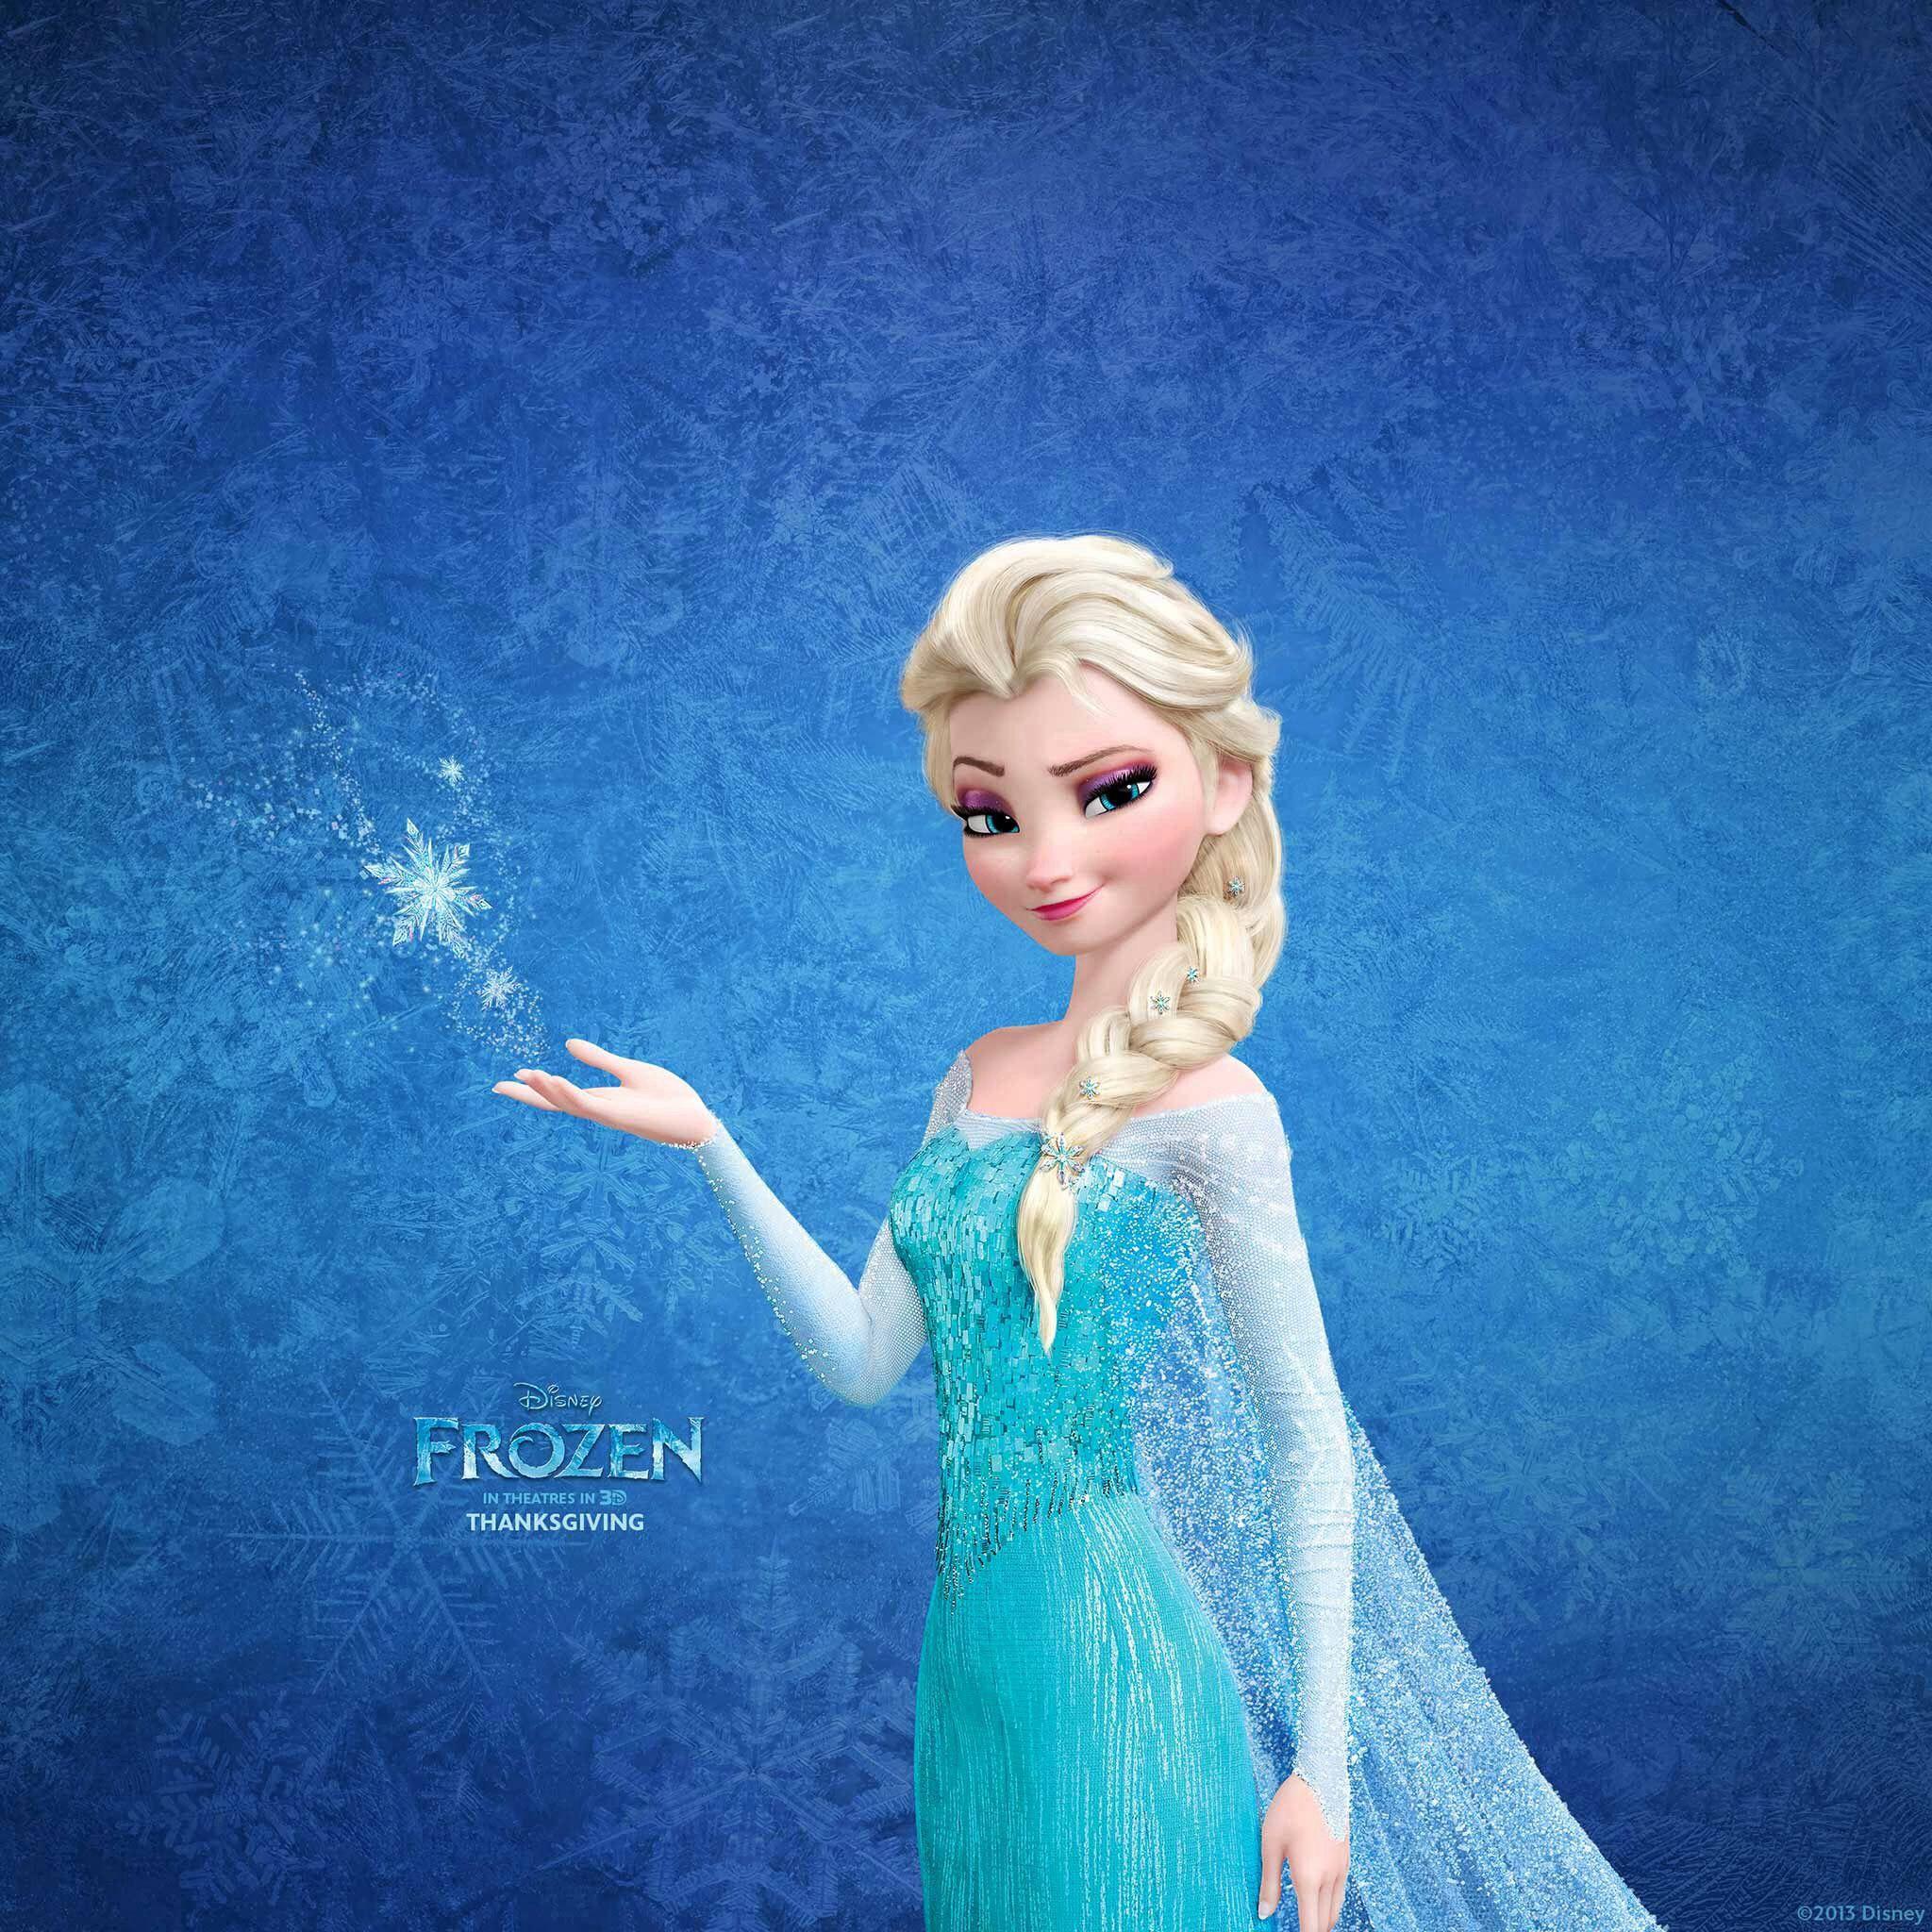 Elsa Frozen Wallpaper Ipad